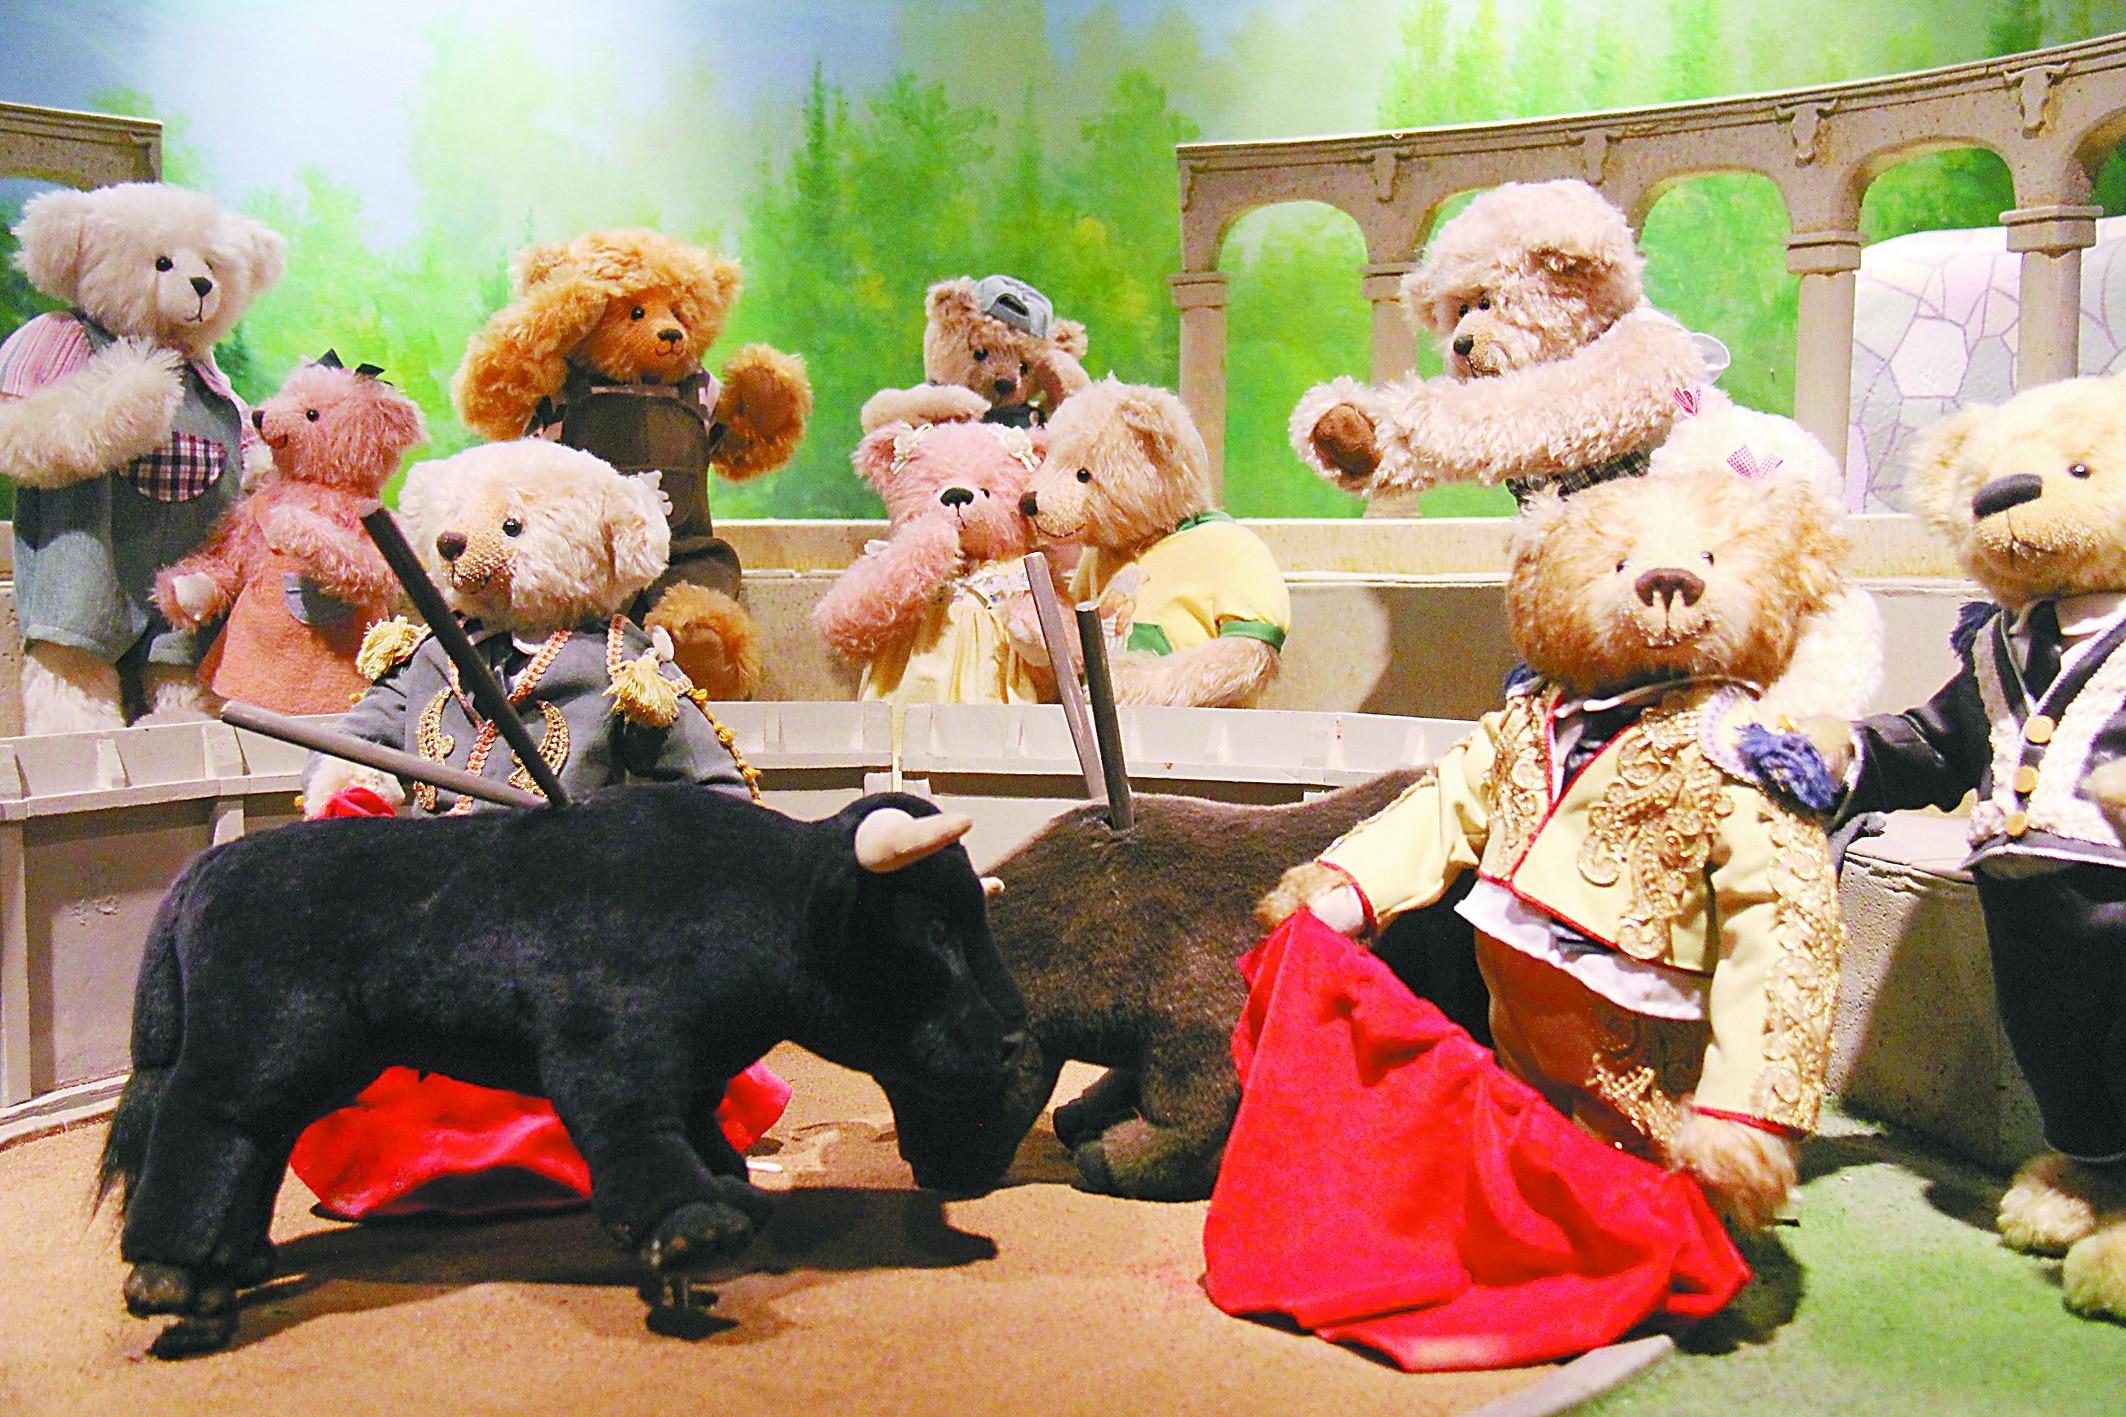 环游趣闻 | 韩国拿泰迪熊当旅游名片